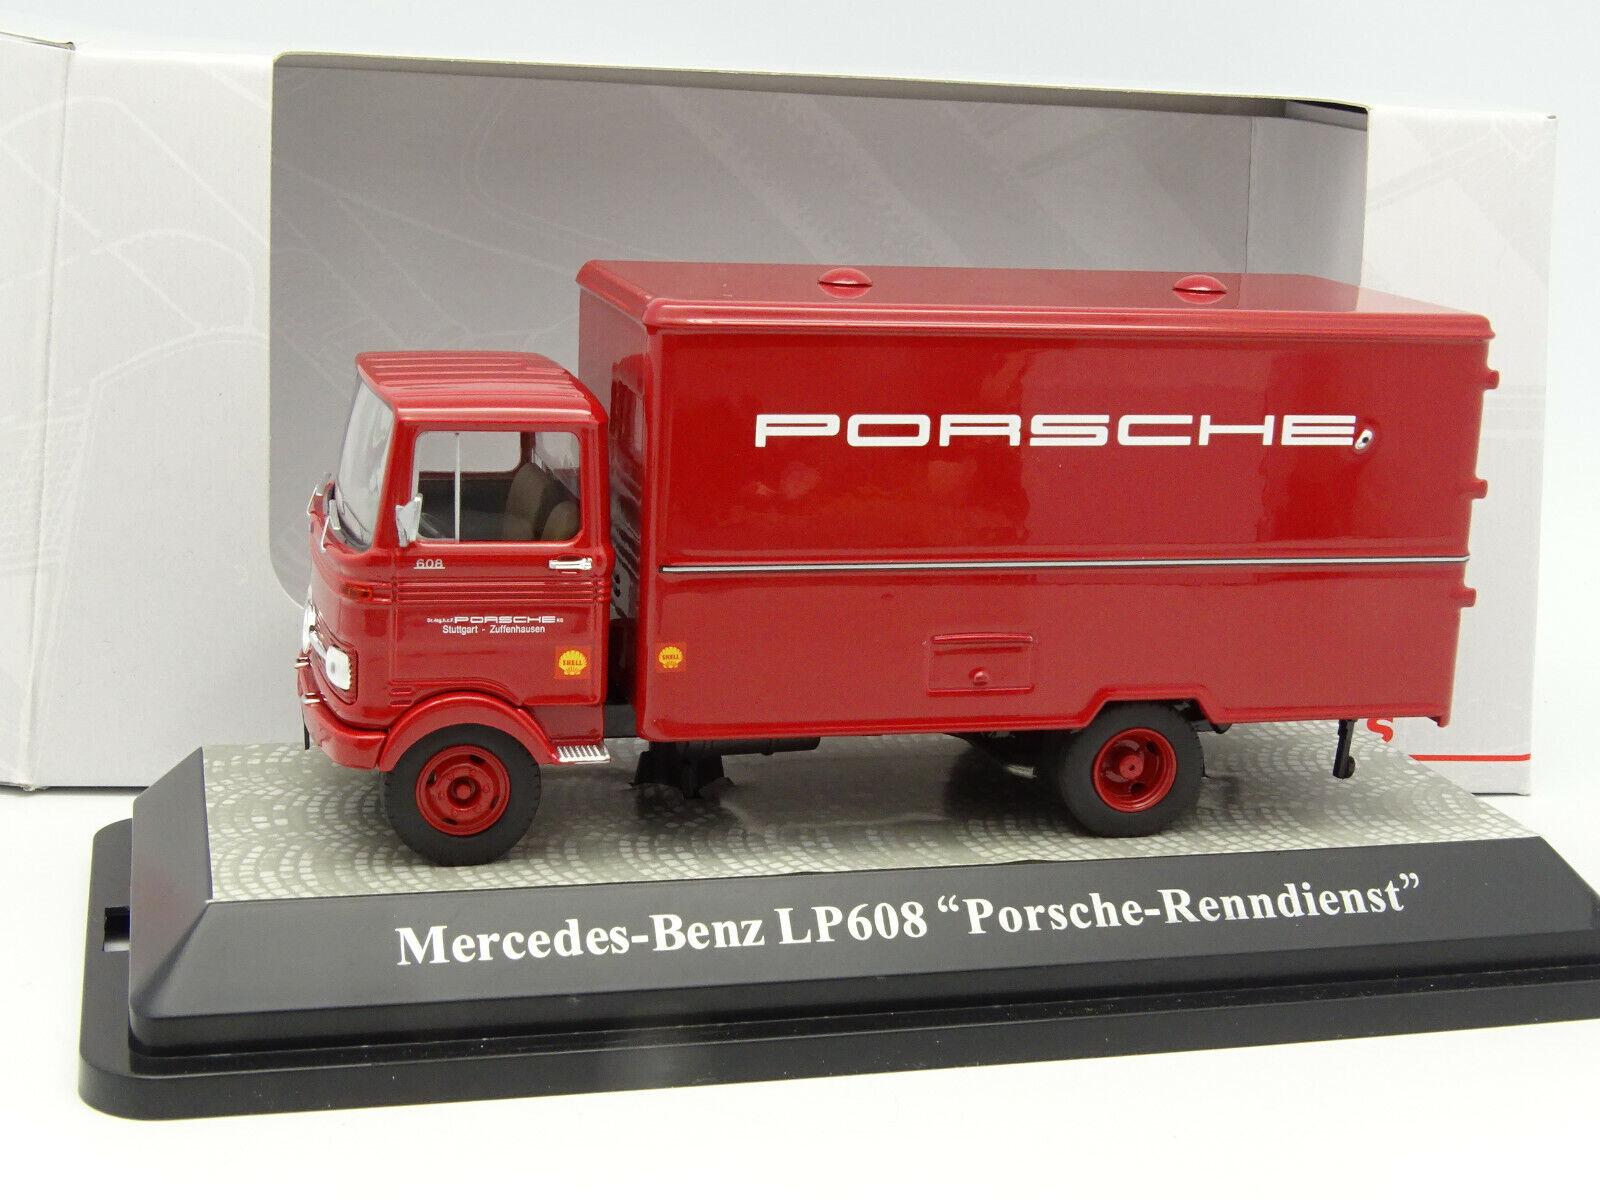 Premium classixxs 1 43 - mercedes lp 608 porsche renndienst